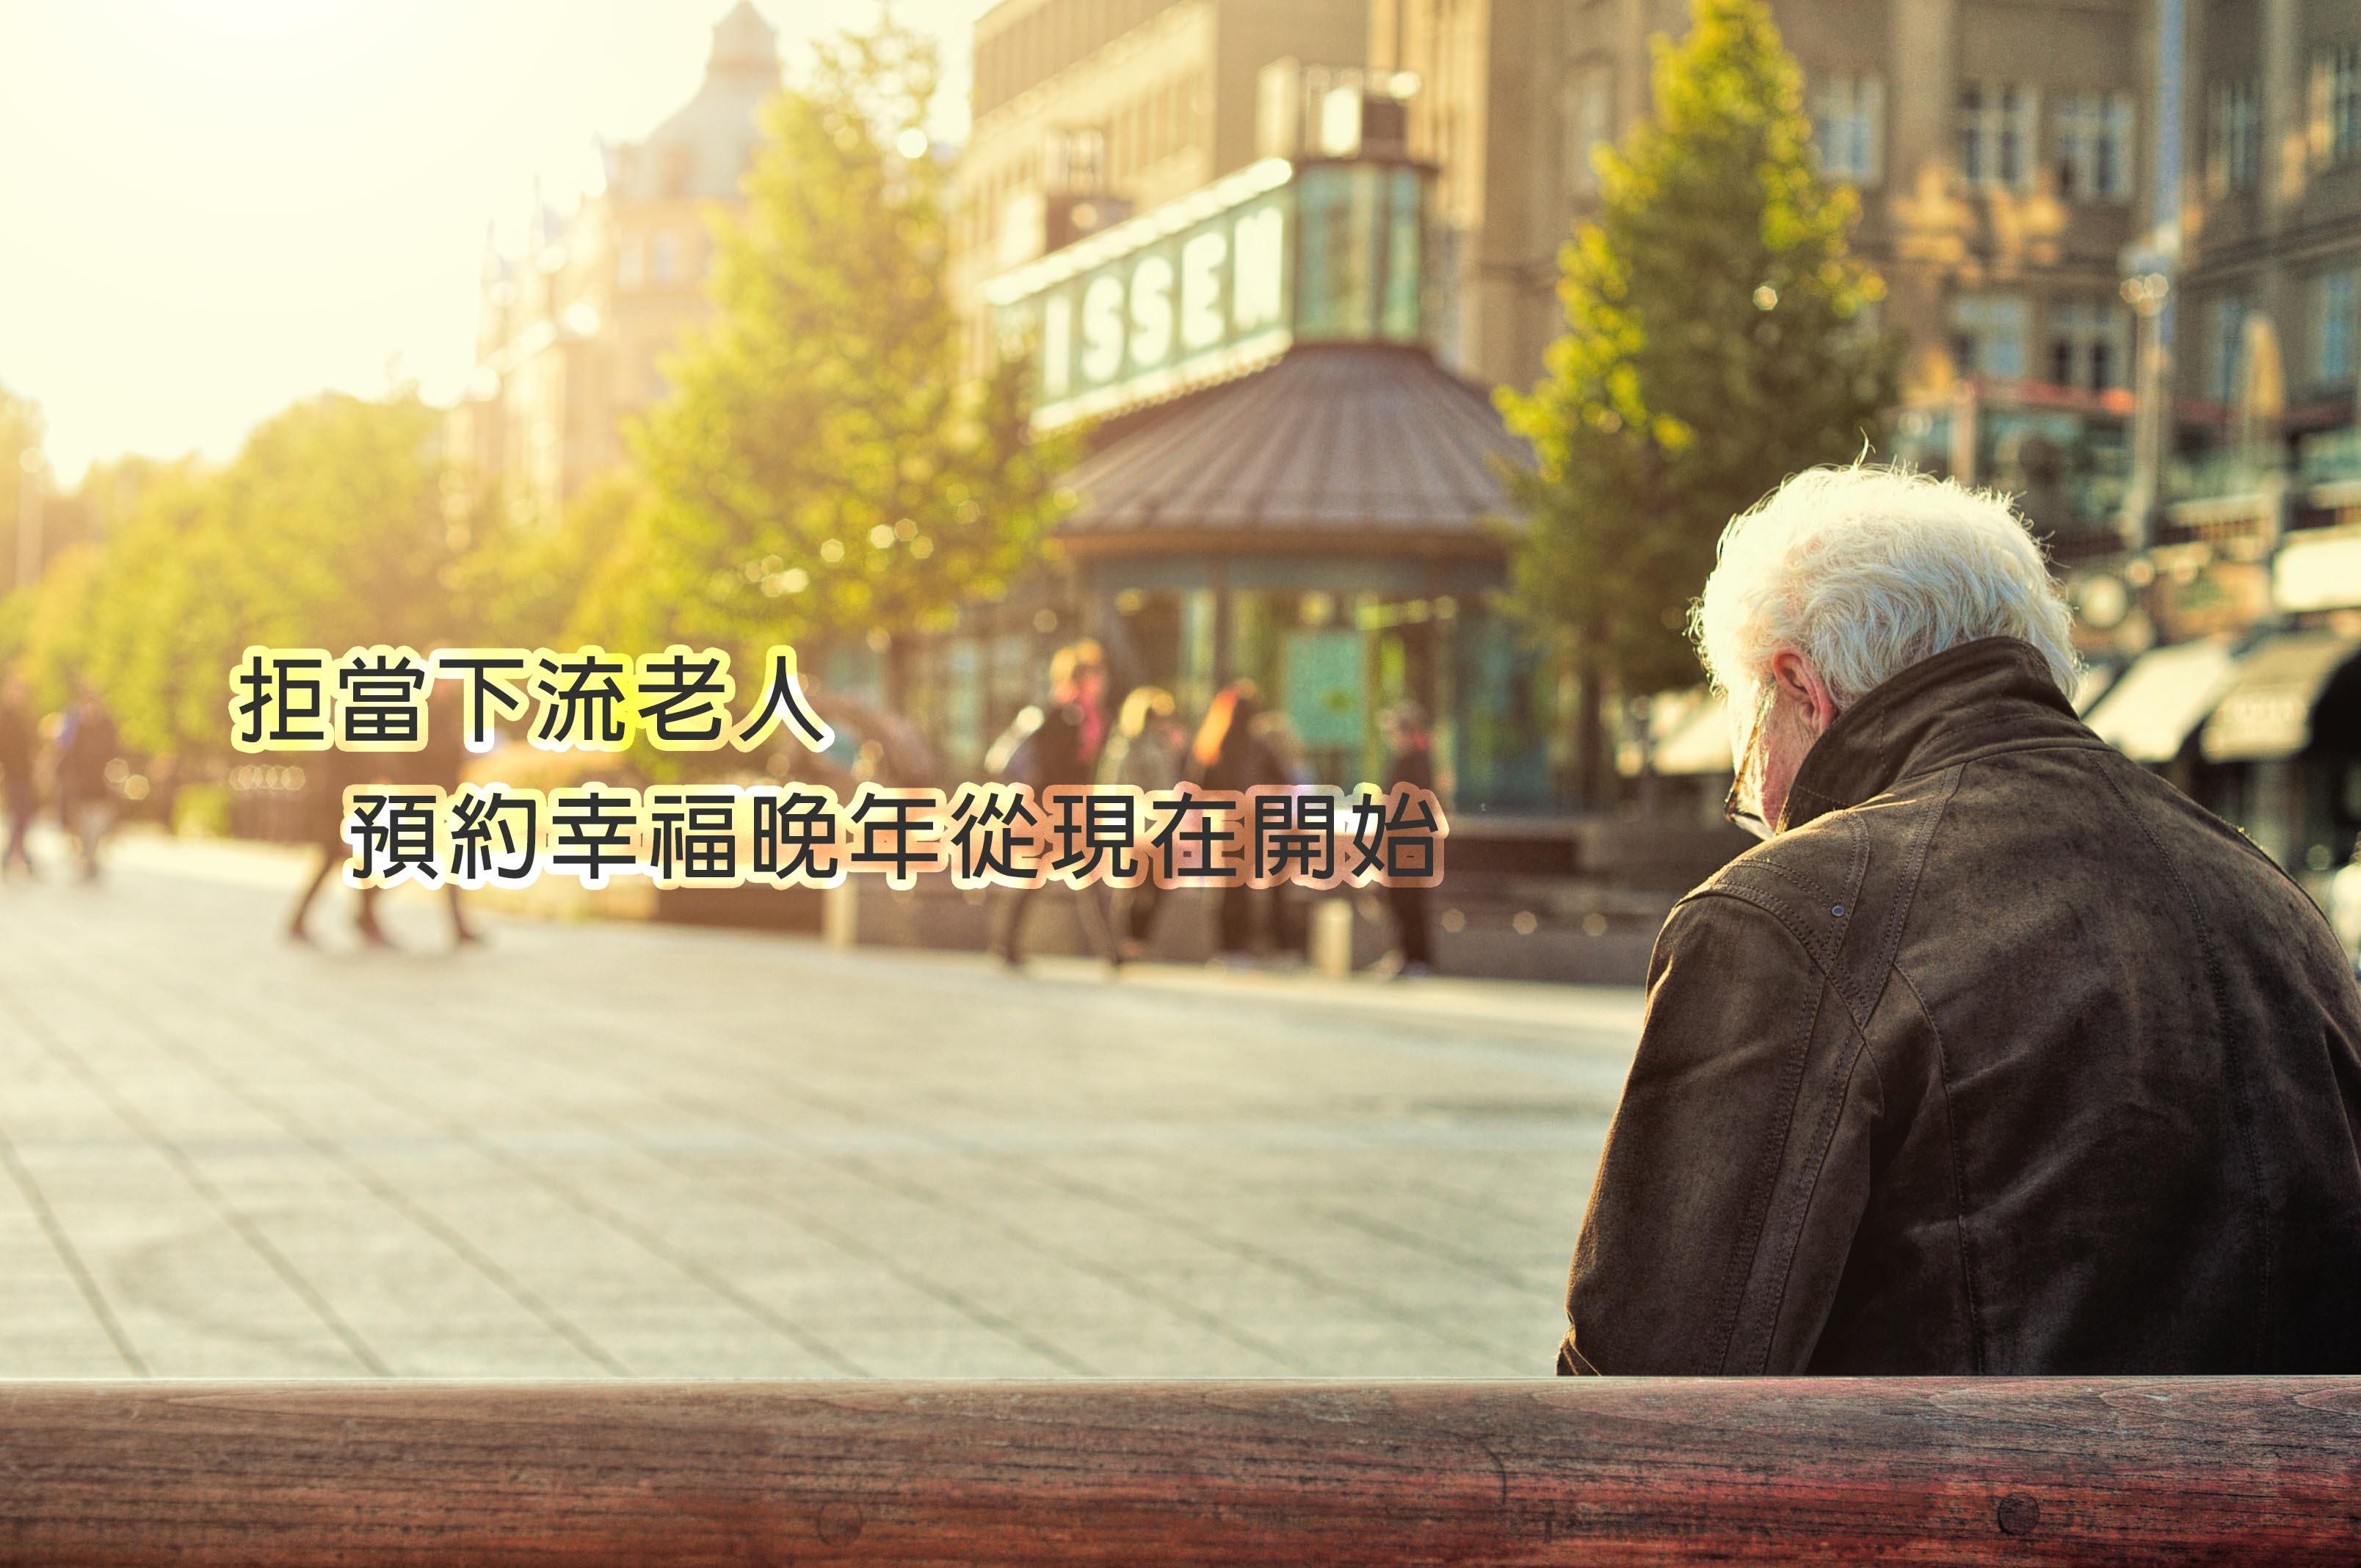 拒當下流老人,預約幸福晚年從現在開始!